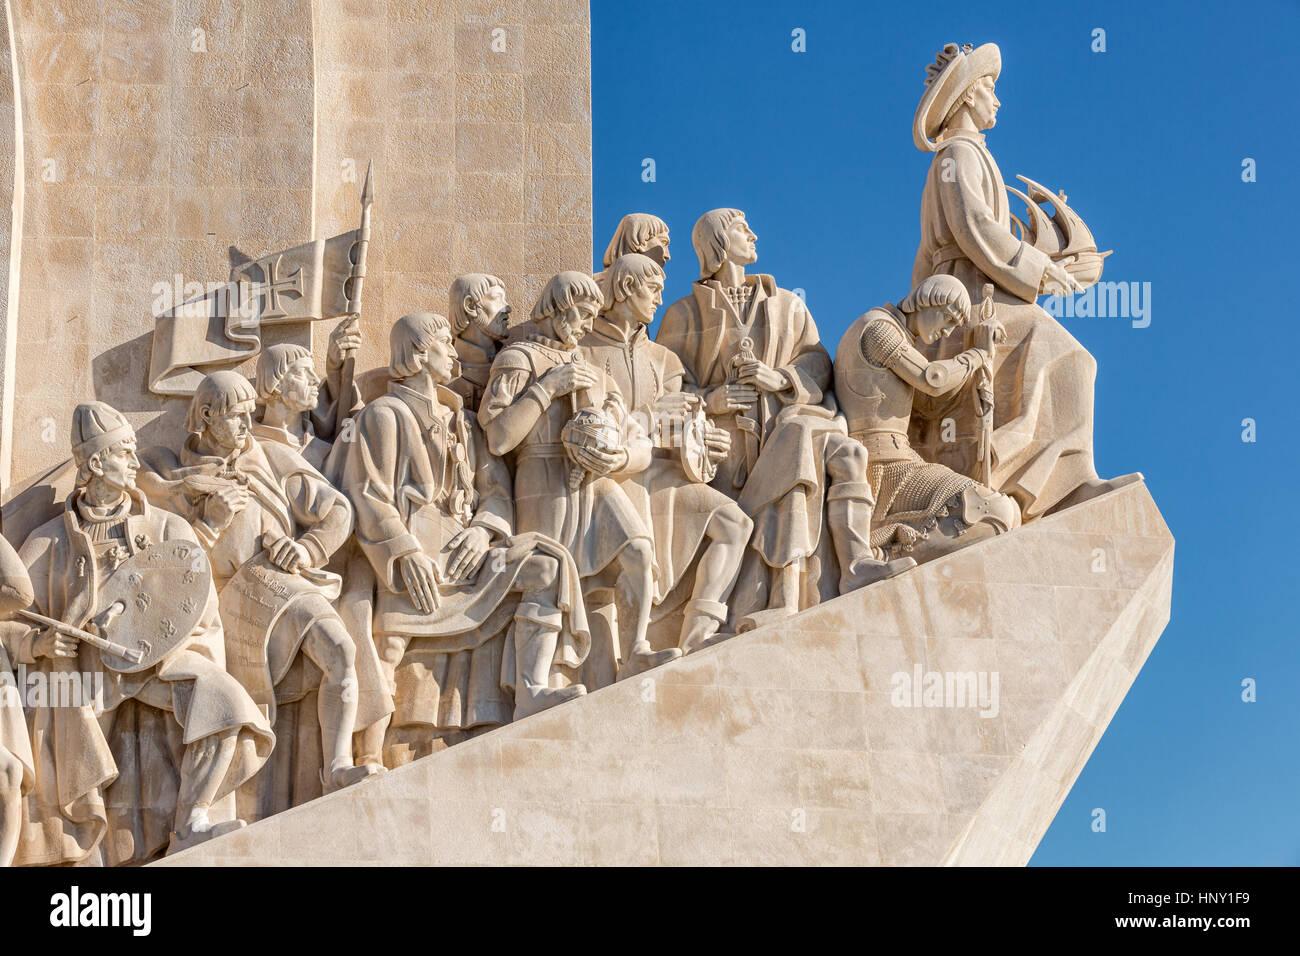 Il Monumento delle Scoperte, Padrao dos Descobrimentos, Belem, Lisbona, Portogallo Immagini Stock